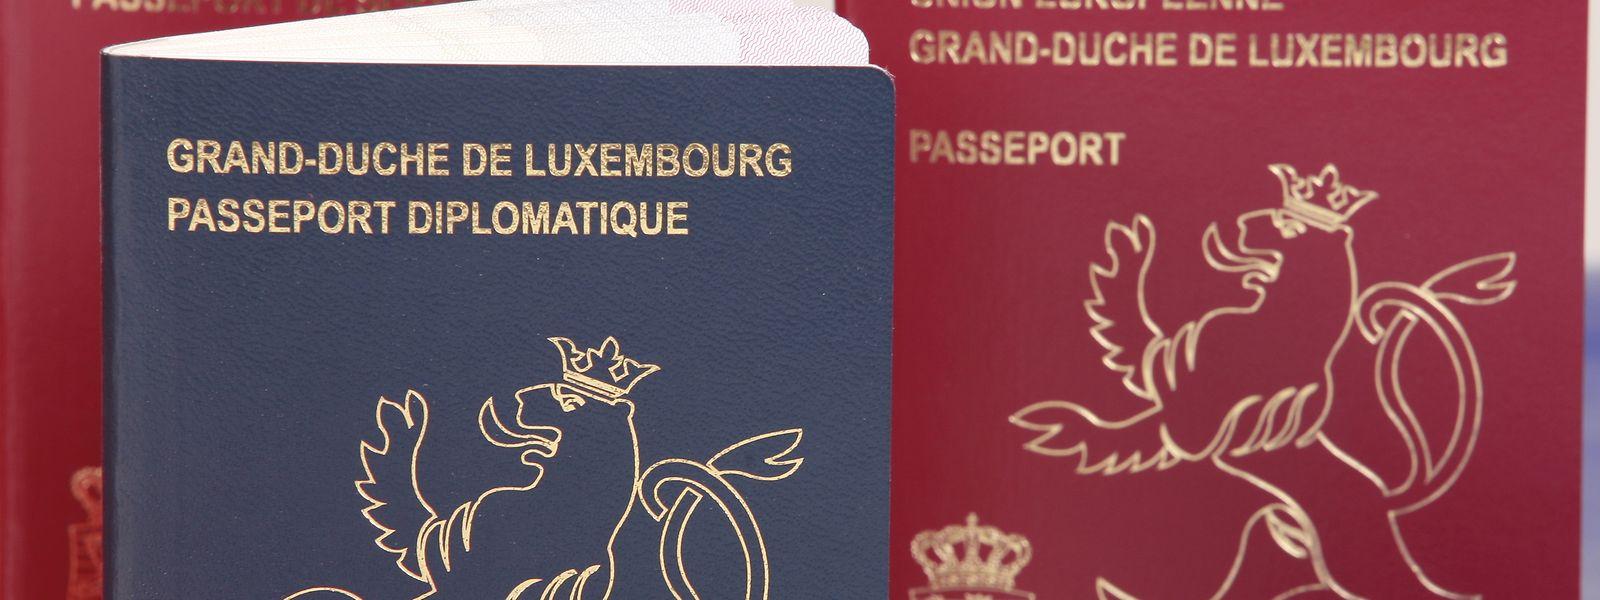 Für die Einbürgerung ist ein Aufenthalt von mindestens fünf Jahren in Luxemburg erforderlich. Zudem werden Kenntnisse in der Landessprache verlangt.